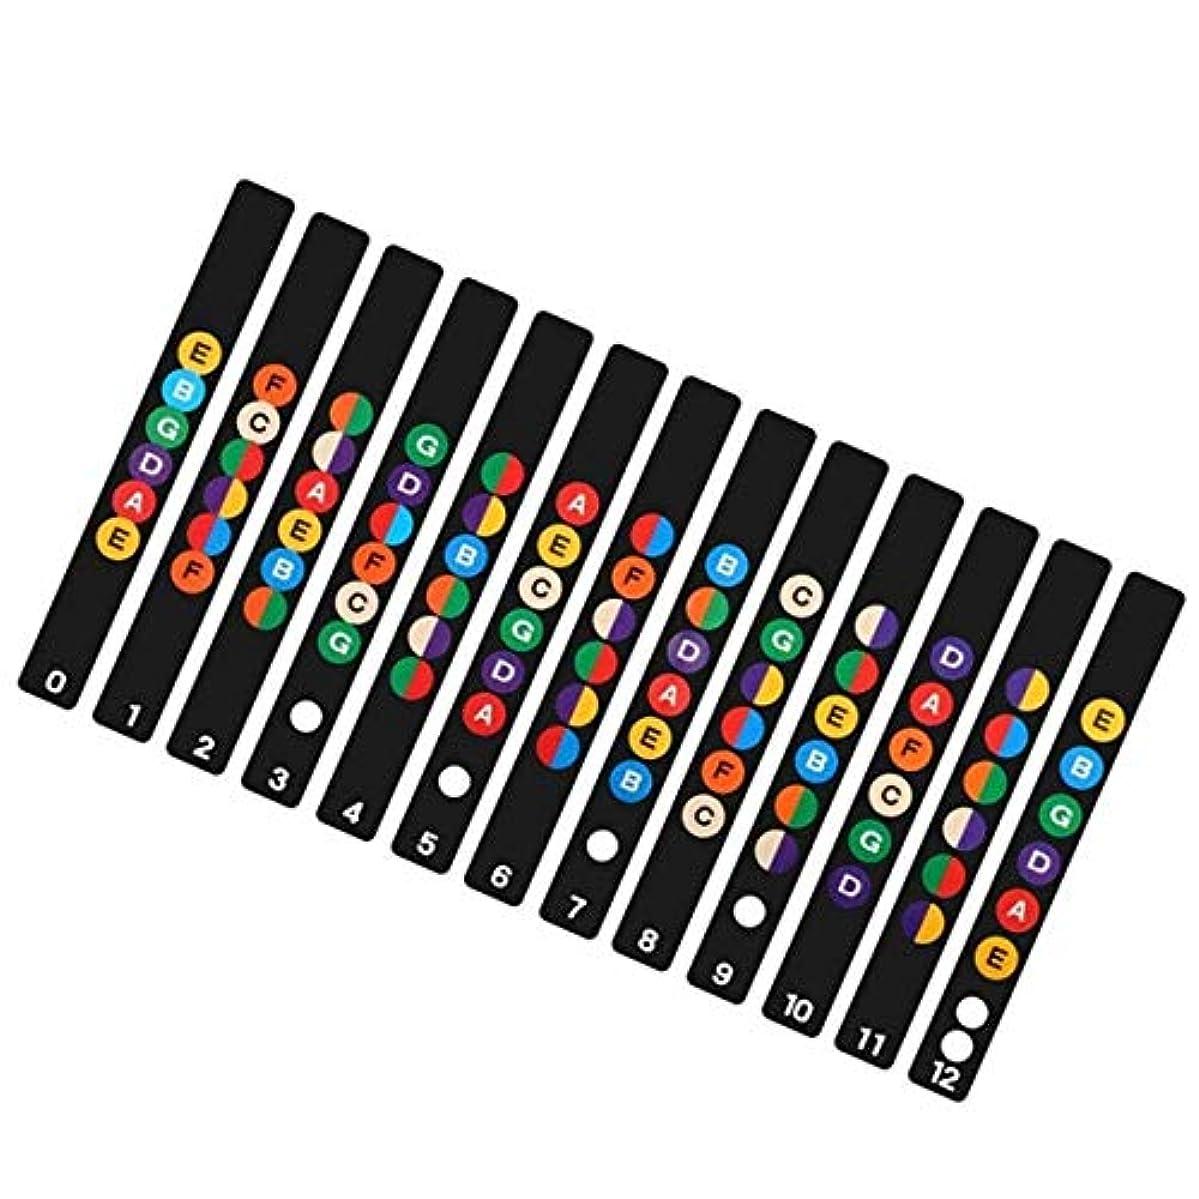 暗殺コピー囲むギターミュージカルスケールステッカーGuitar Neck Fretboard Note MapフレットステッカーLables Decals Learn Fingerboard 便利